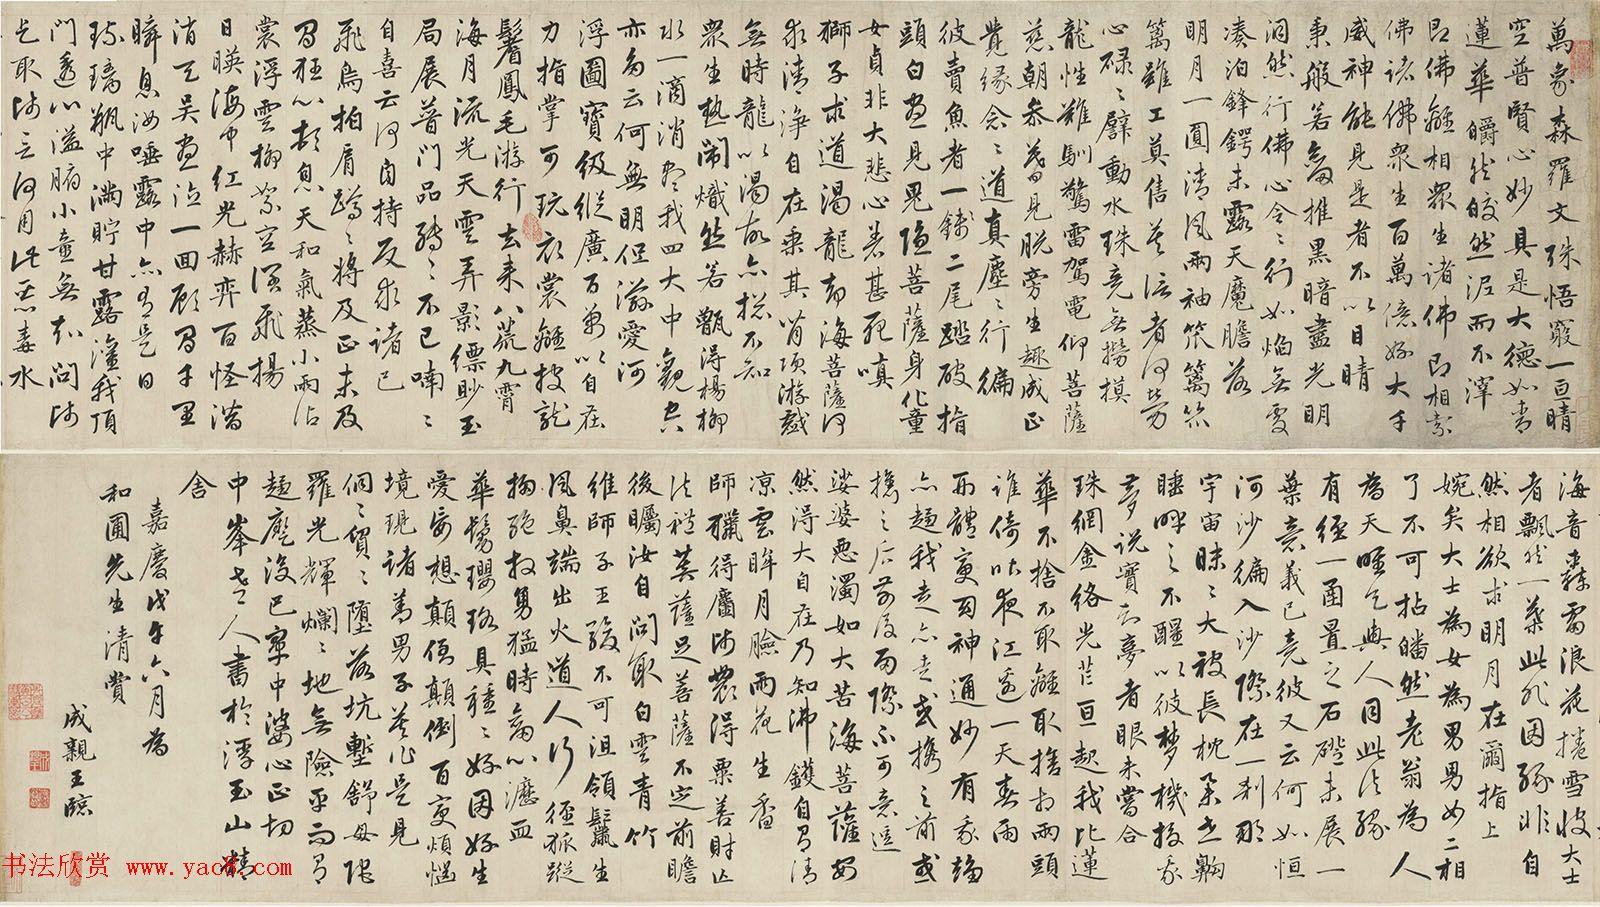 成亲王行书临赵孟頫书卷二十四赞